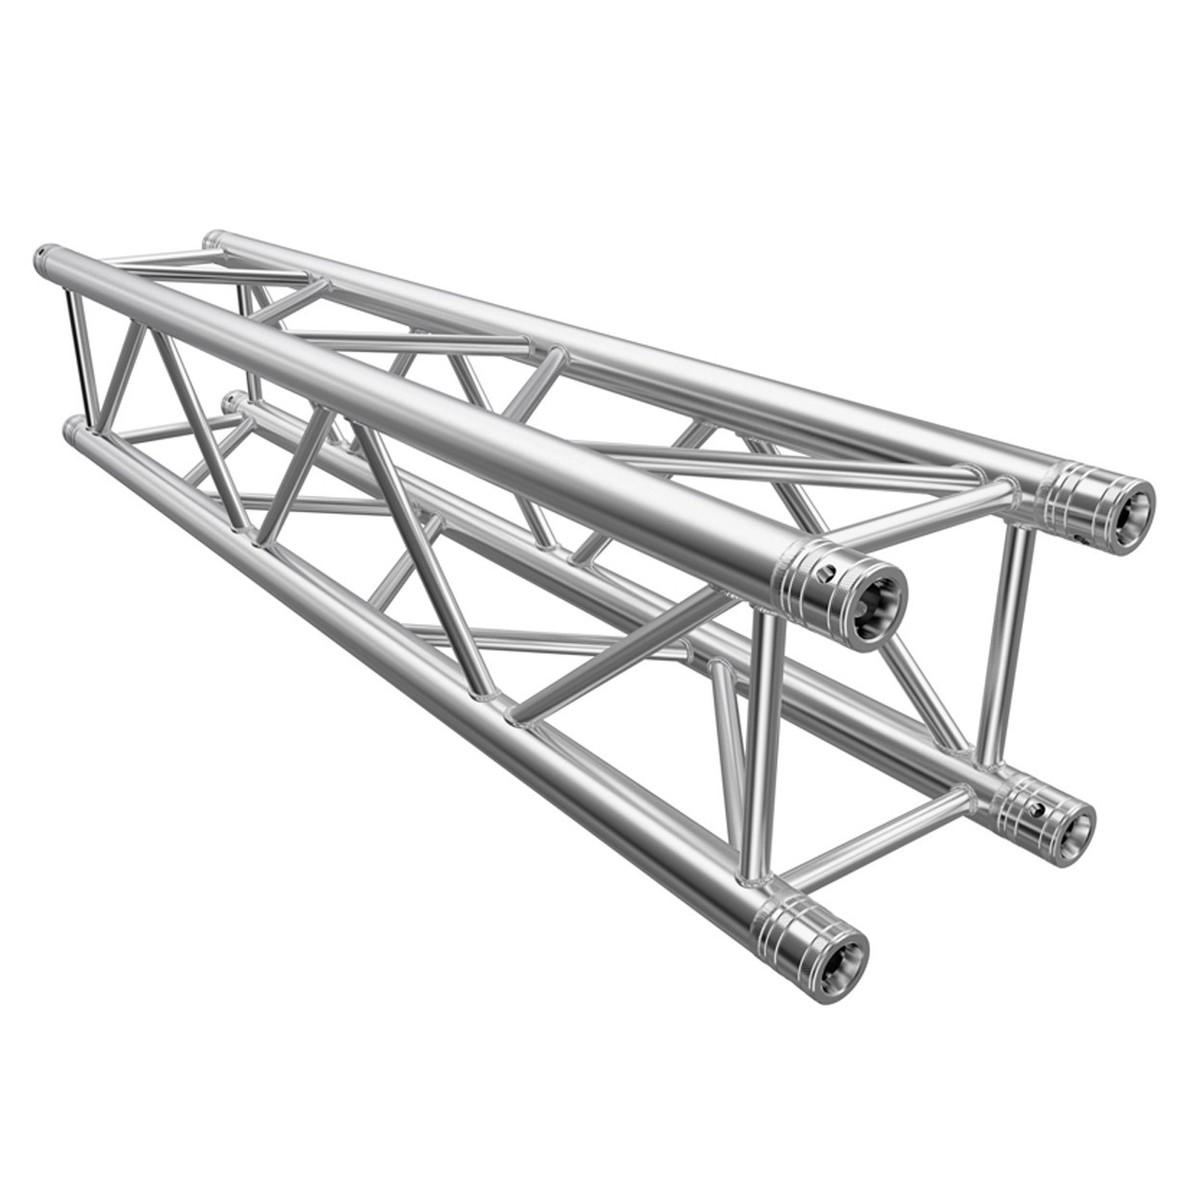 Productos de estructuras de truss